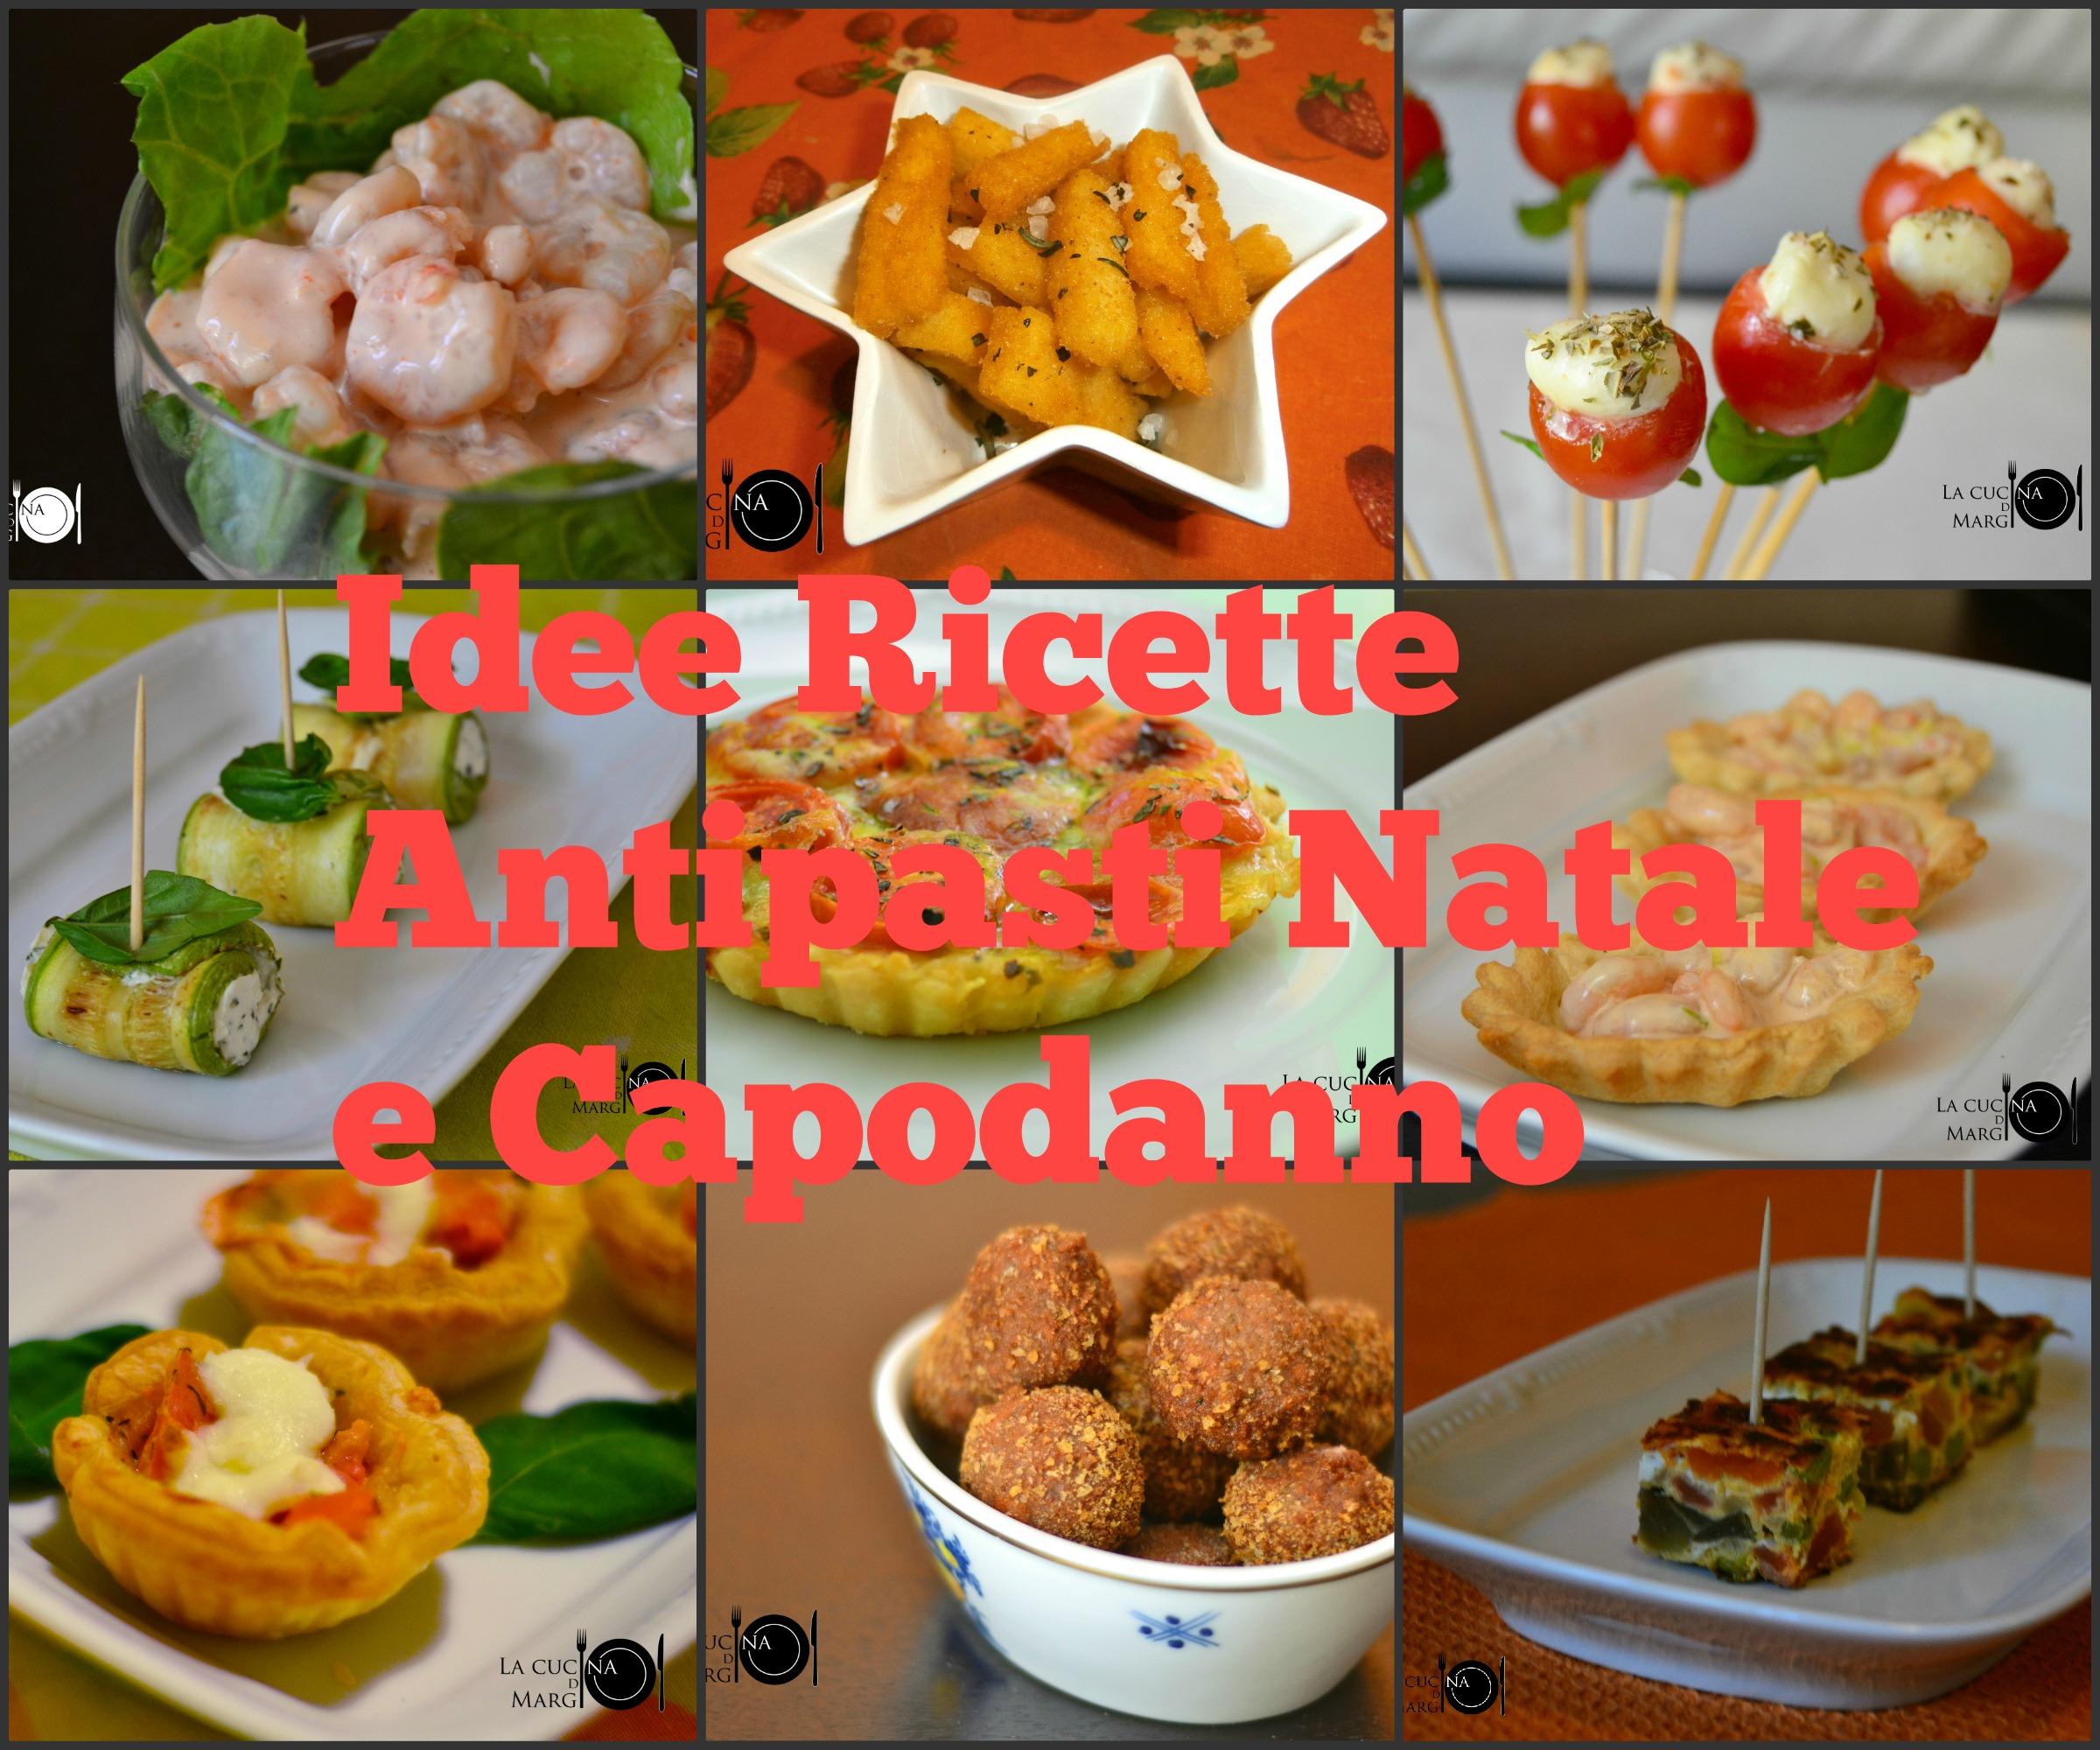 Idee ricette antipasti natale e capodanno la cucina di margi for Ricette di cucina antipasti